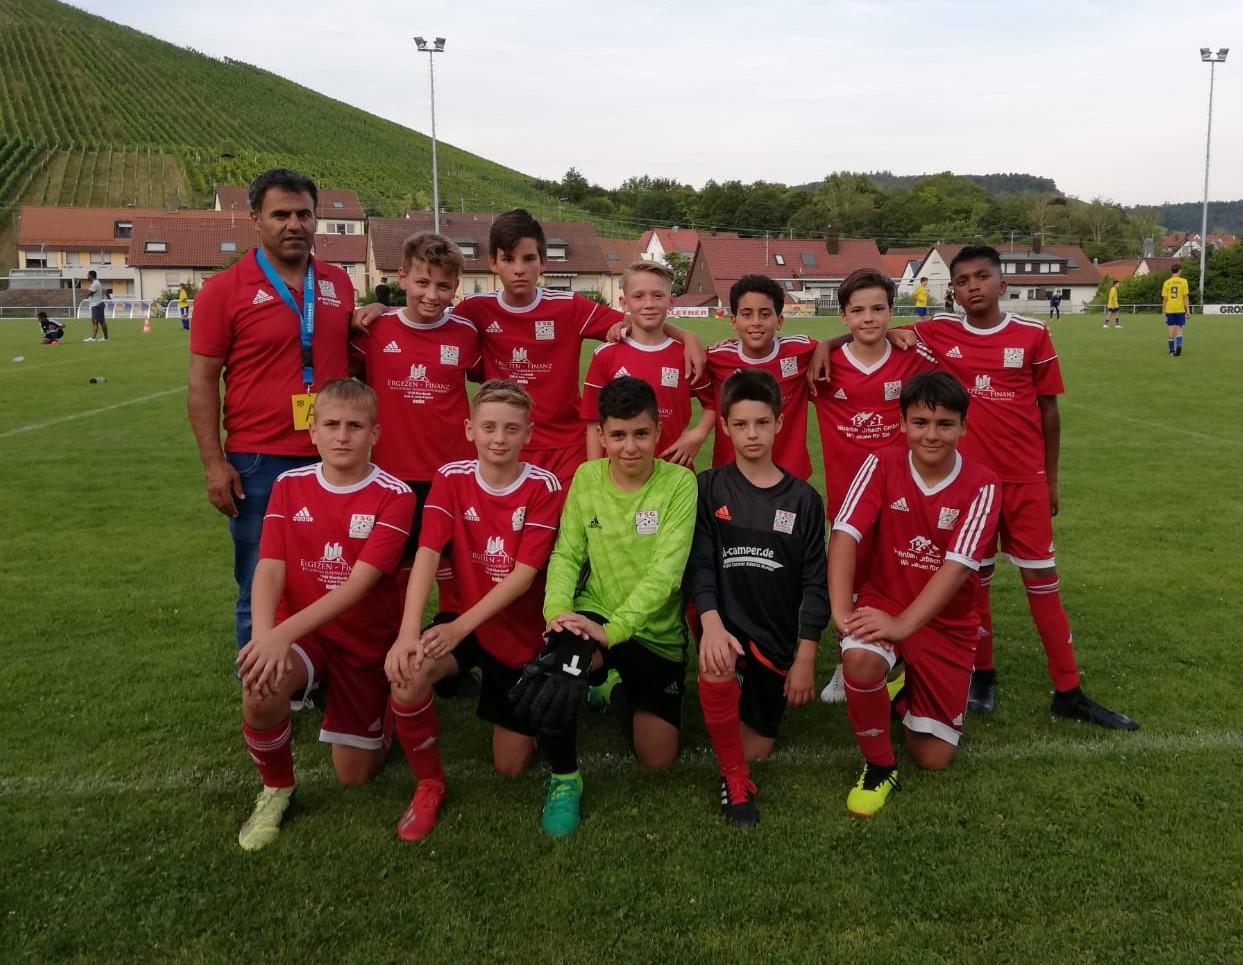 U13 erreicht den 2. Platz beim Turnier in Korb